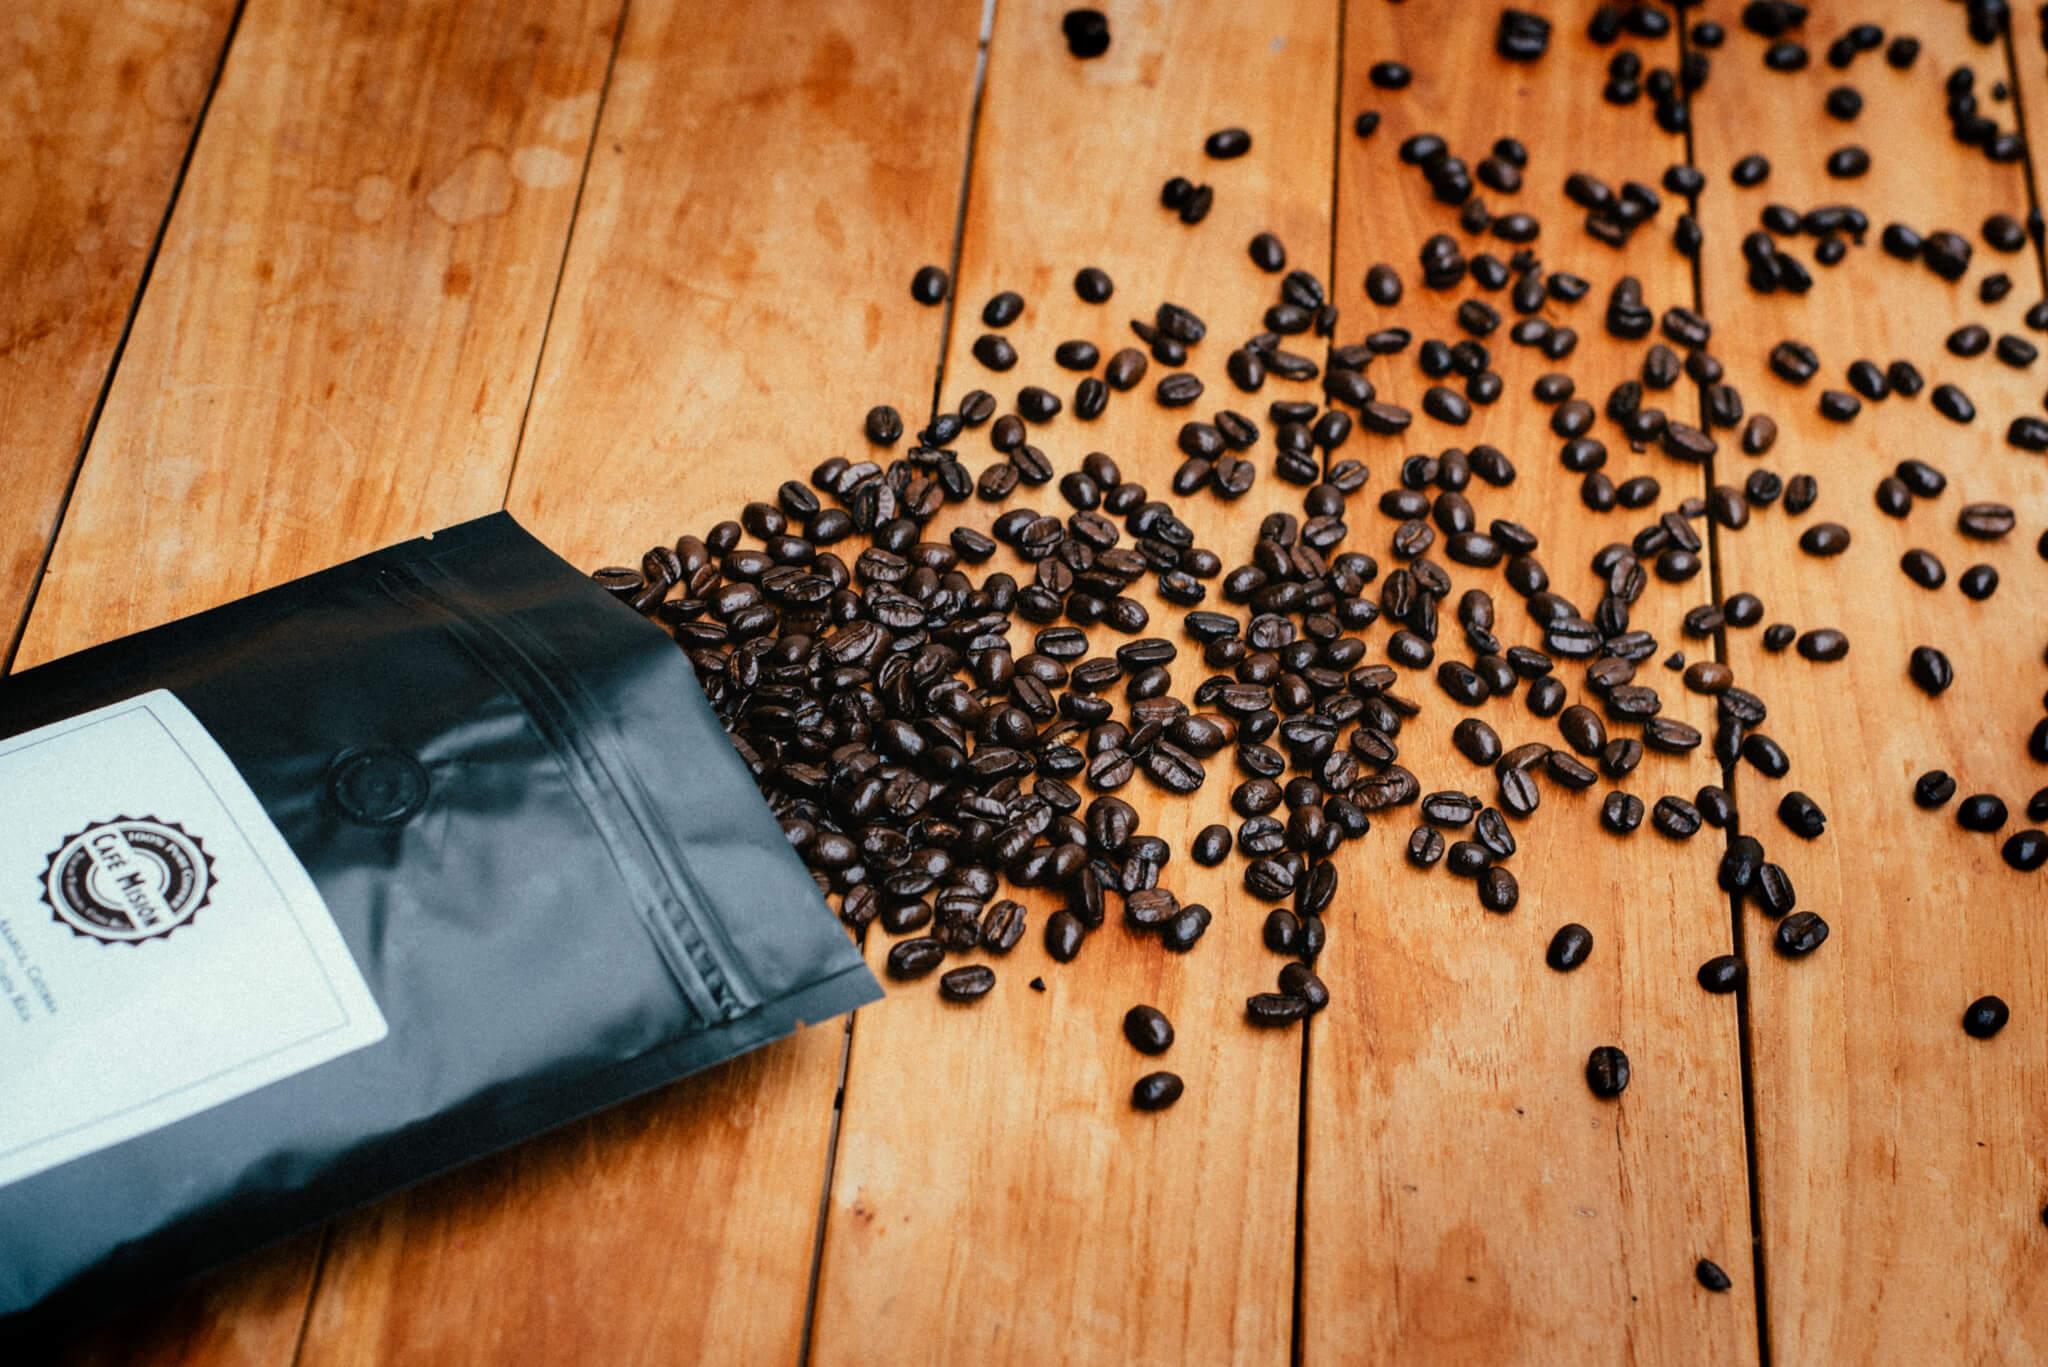 Koffie abonnement Dark roast | Zwartekoffie.nl